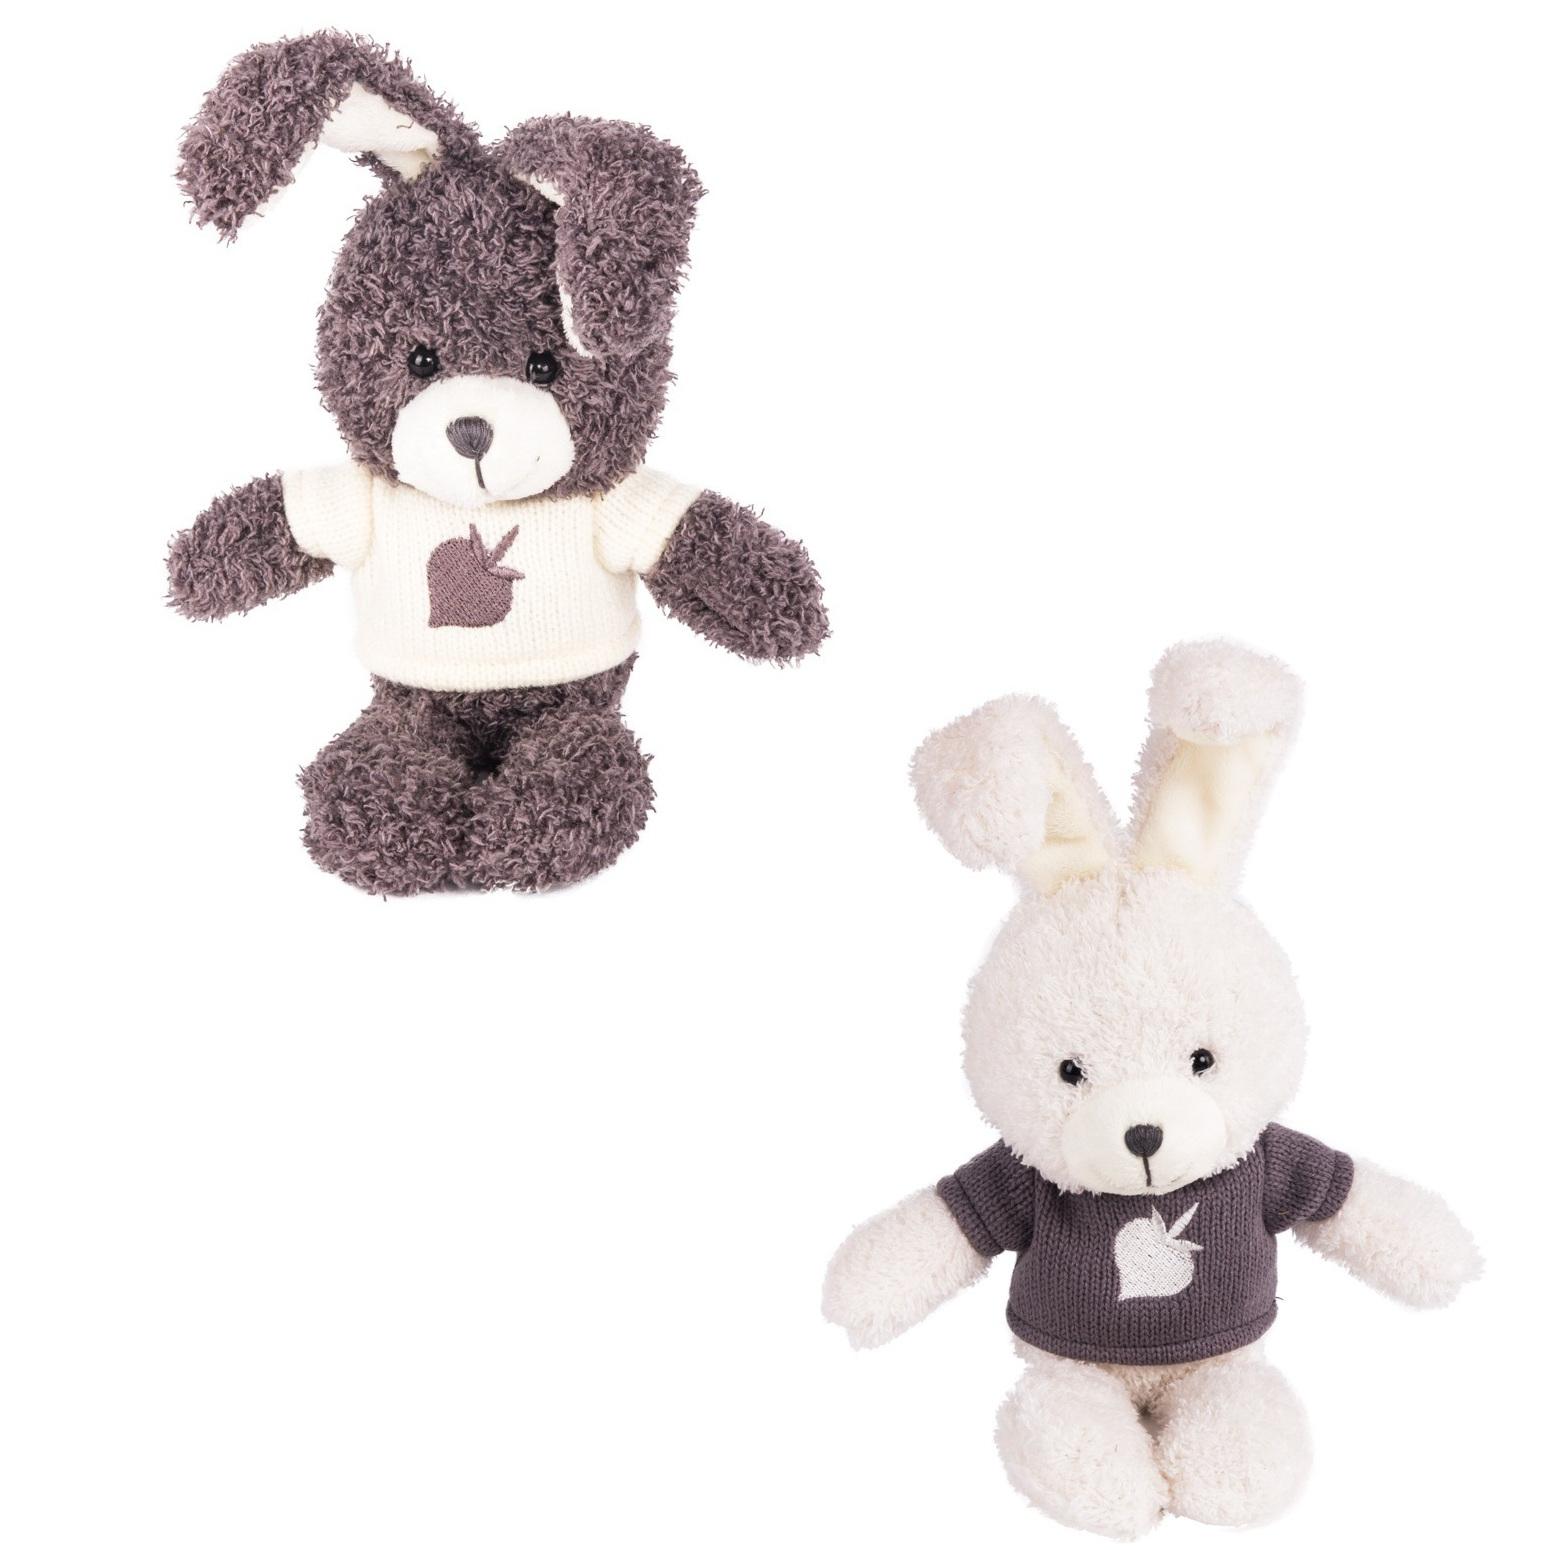 Мягкая игрушка - Зайчик Билли, белый/серый, 20 смЗайцы и кролики<br>Мягкая игрушка - Зайчик Билли, белый/серый, 20 см<br>